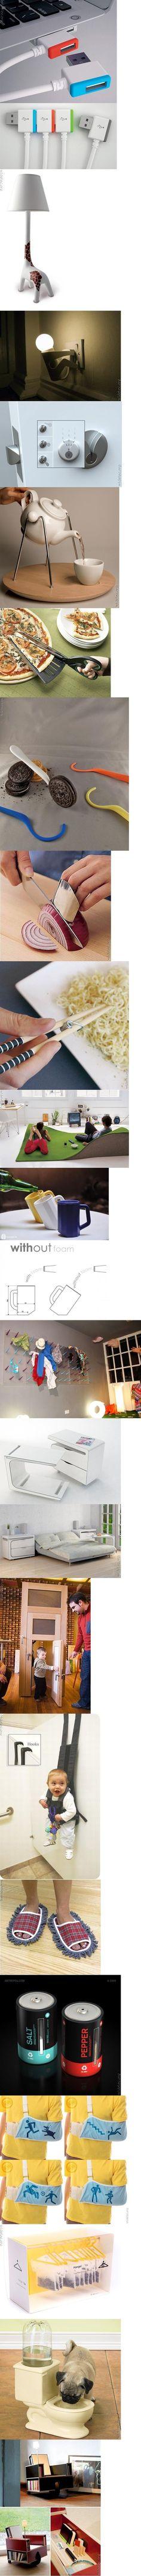 awsome inventions!